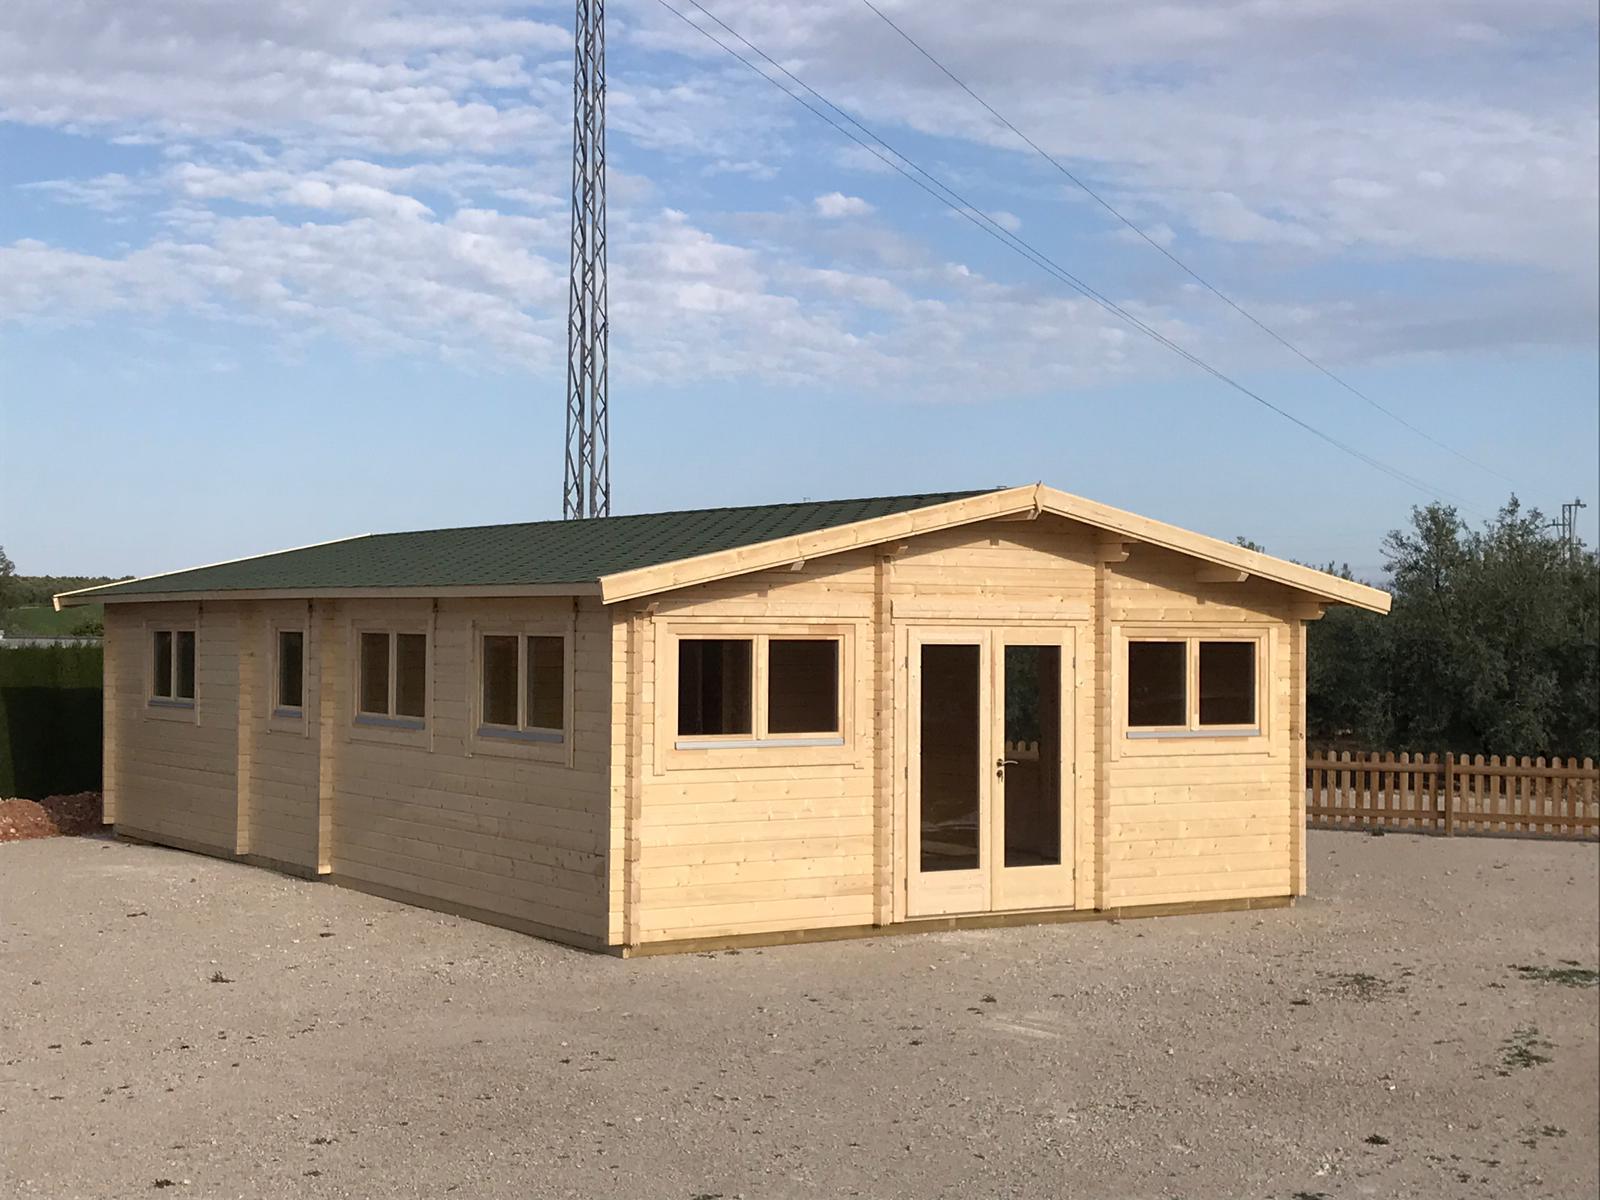 https://casetasdejardin24.es/producto/casa-de-madera-con-dos-dormitorios-valencia-60m2-70mm-11-x-6-m/